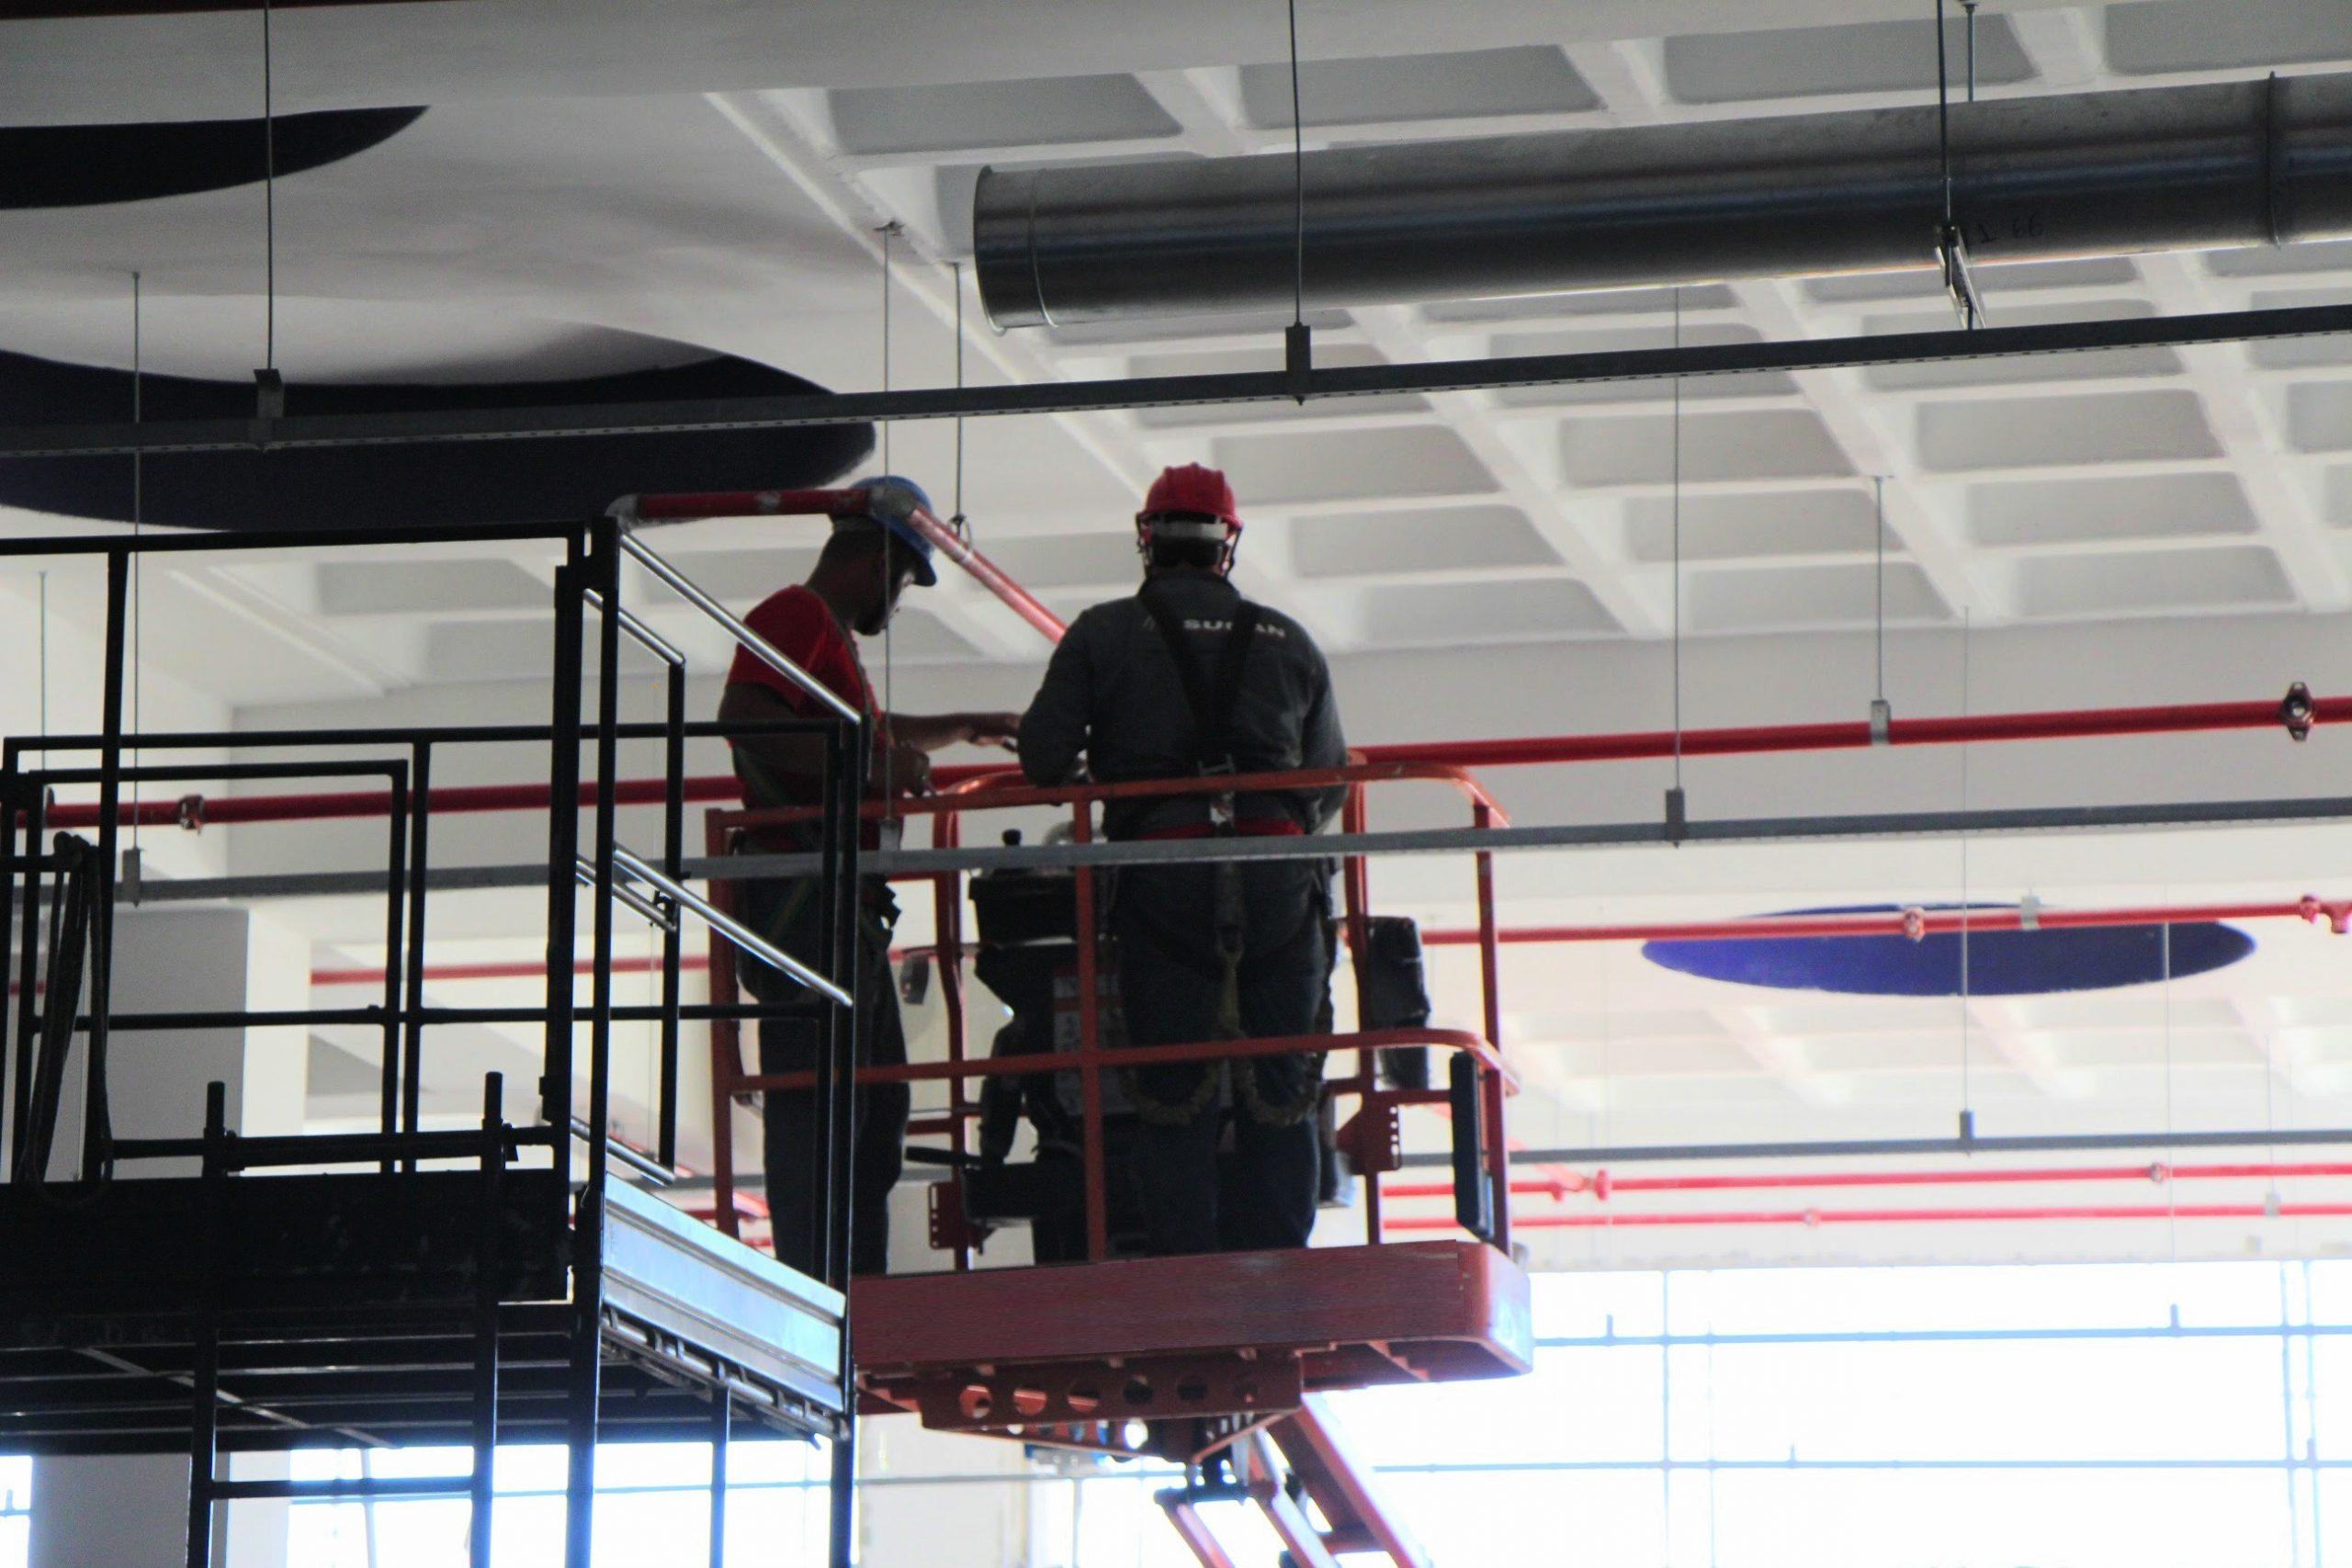 Entenda a importância da manutenção  rotineira dos sistemas de prevenção à incêndio